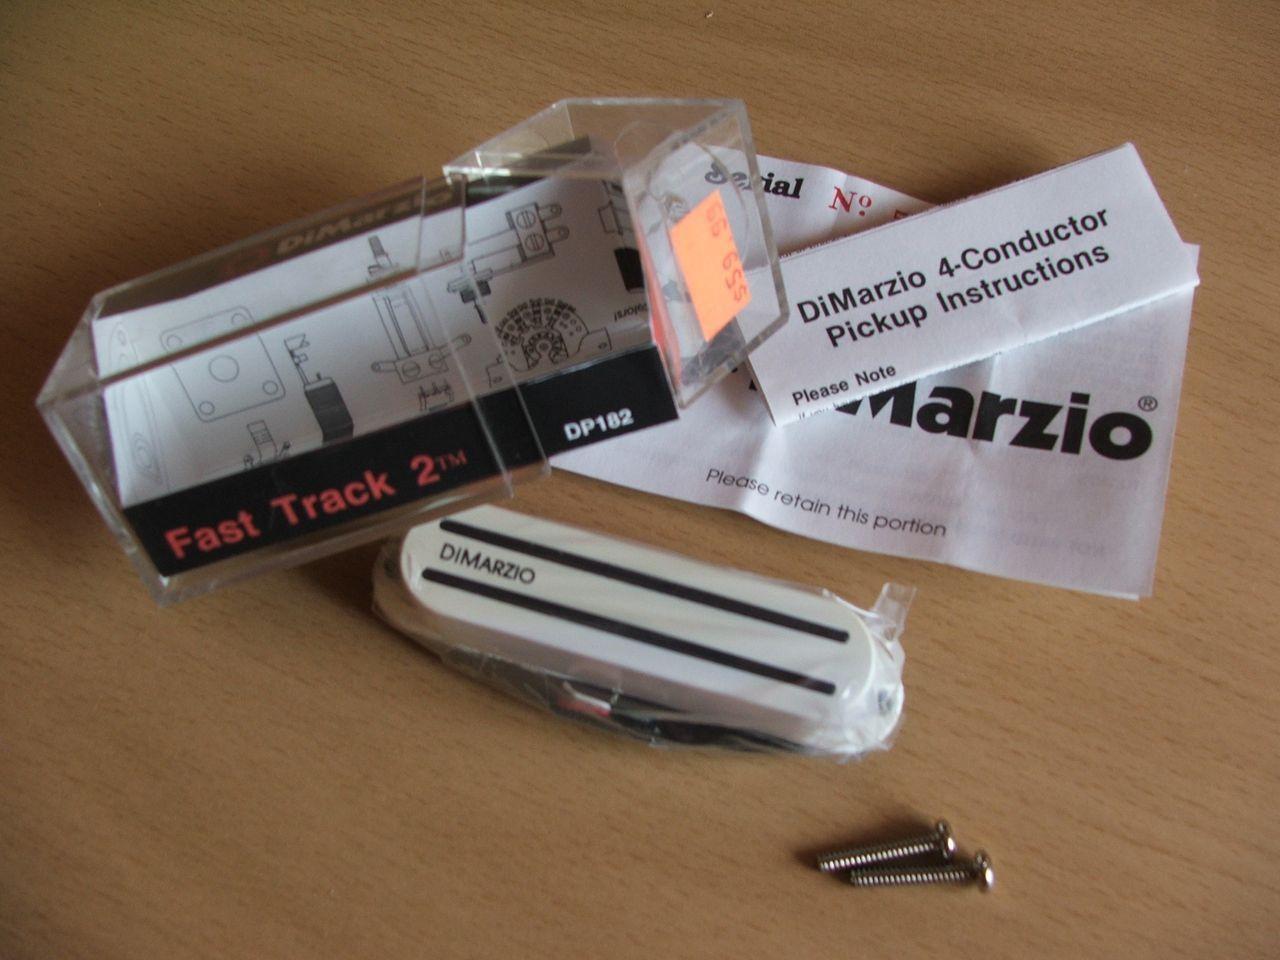 DiMarzio DP182 Fast Track 2 image (#54224) - Audiofanzine